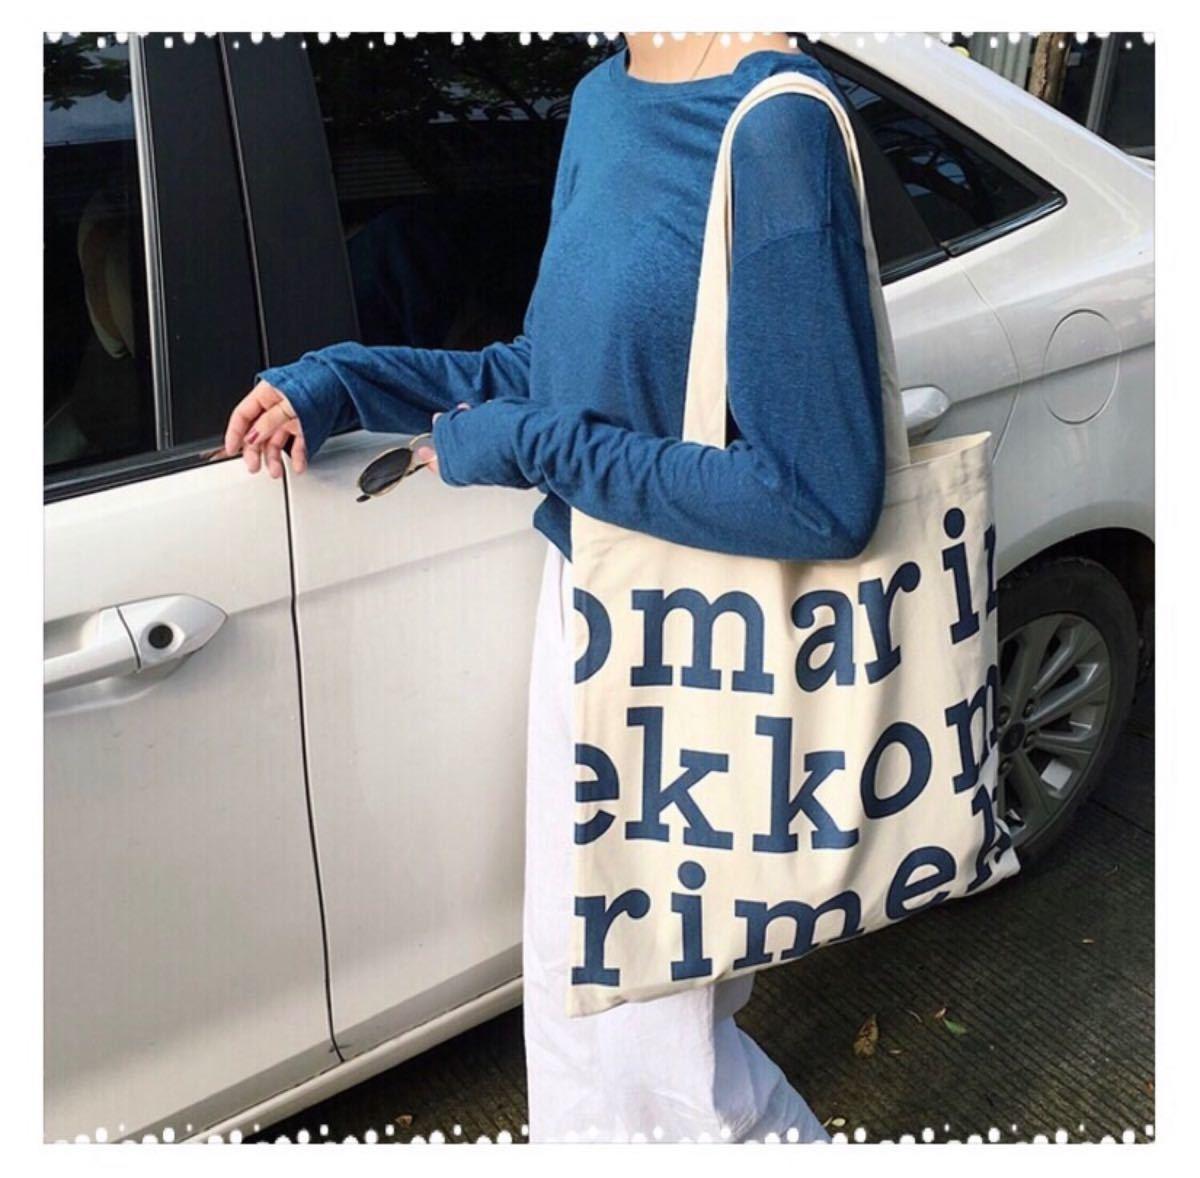 ☆大人気☆数量限定☆新品未使用 マリメッコ ロゴ トートバッグ/エコバッグ